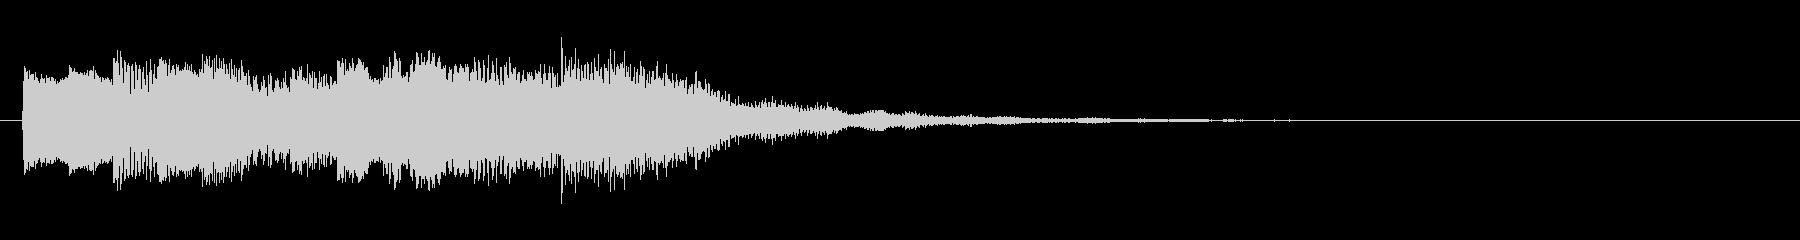 不思議で電子的なサウンドロゴの未再生の波形